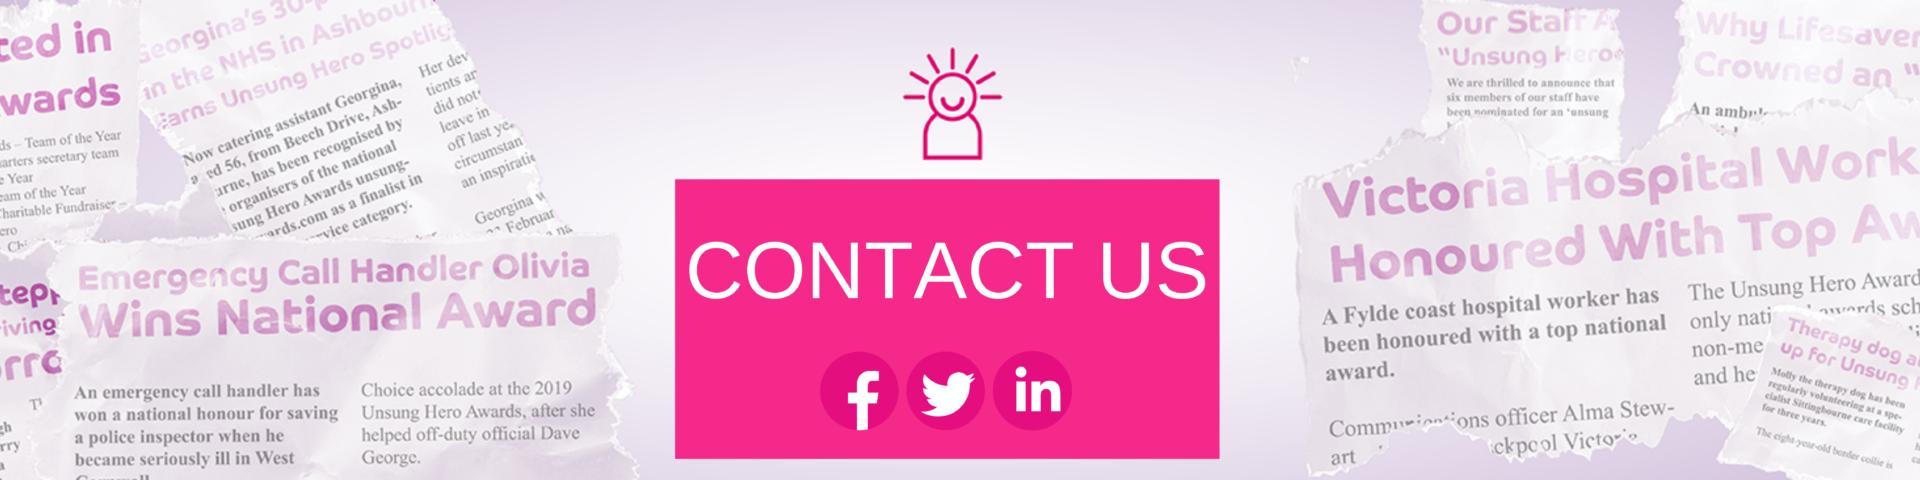 Contact | Unsung Hero Awards